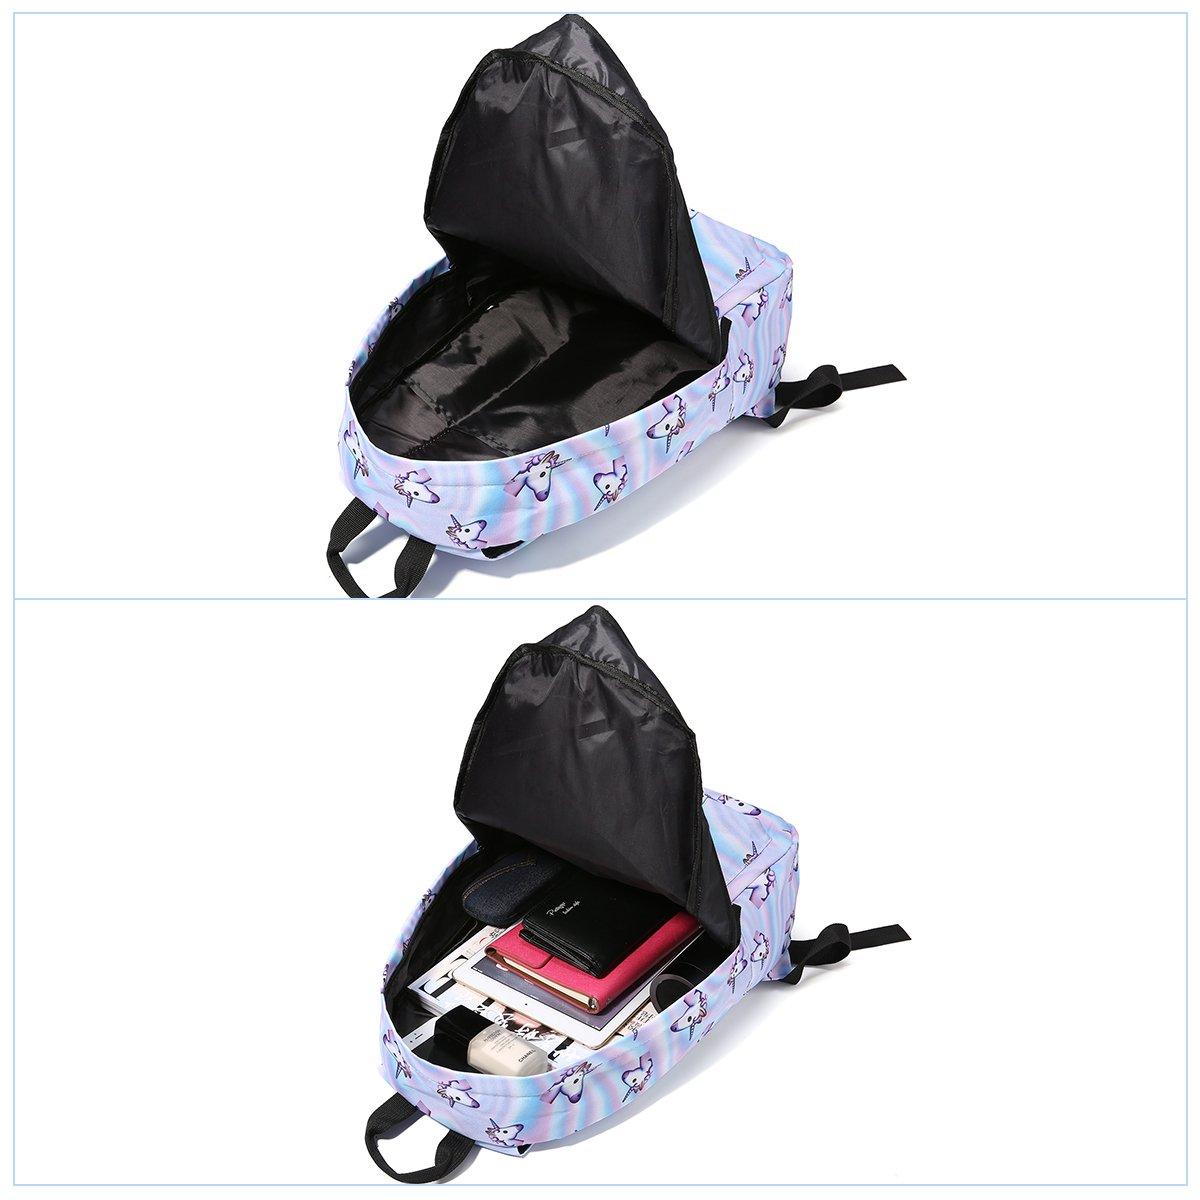 Tezoo Casual Schulrucksäcke Rucksack Damen Einhorn Rucksäcke Schule Daypacks Kinderrucksack für 14 Zoll Laptop College Backpack für Kinder Jungen Studenten Blau